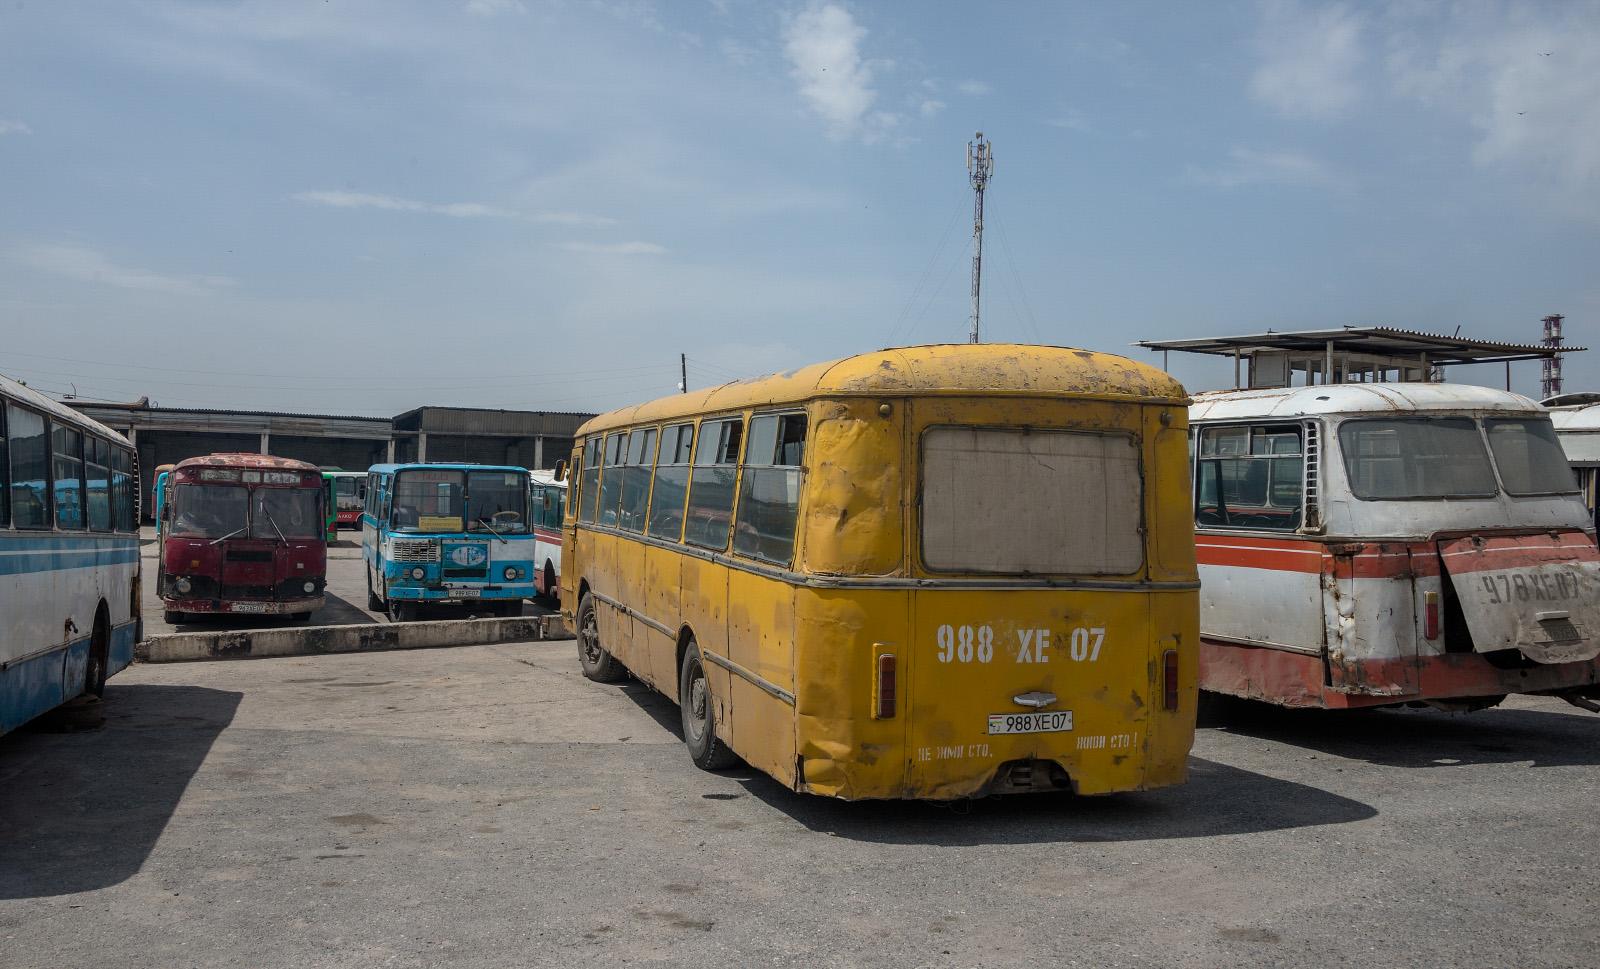 ЛиАЗ-677М #988 XE 07, ЛиАЗ-677М #963 XE 07, ЛАЗ-695Н #978 XE 07, Таджикистан-3205 №989 XE 07. Таджикістан, Турсунзаде